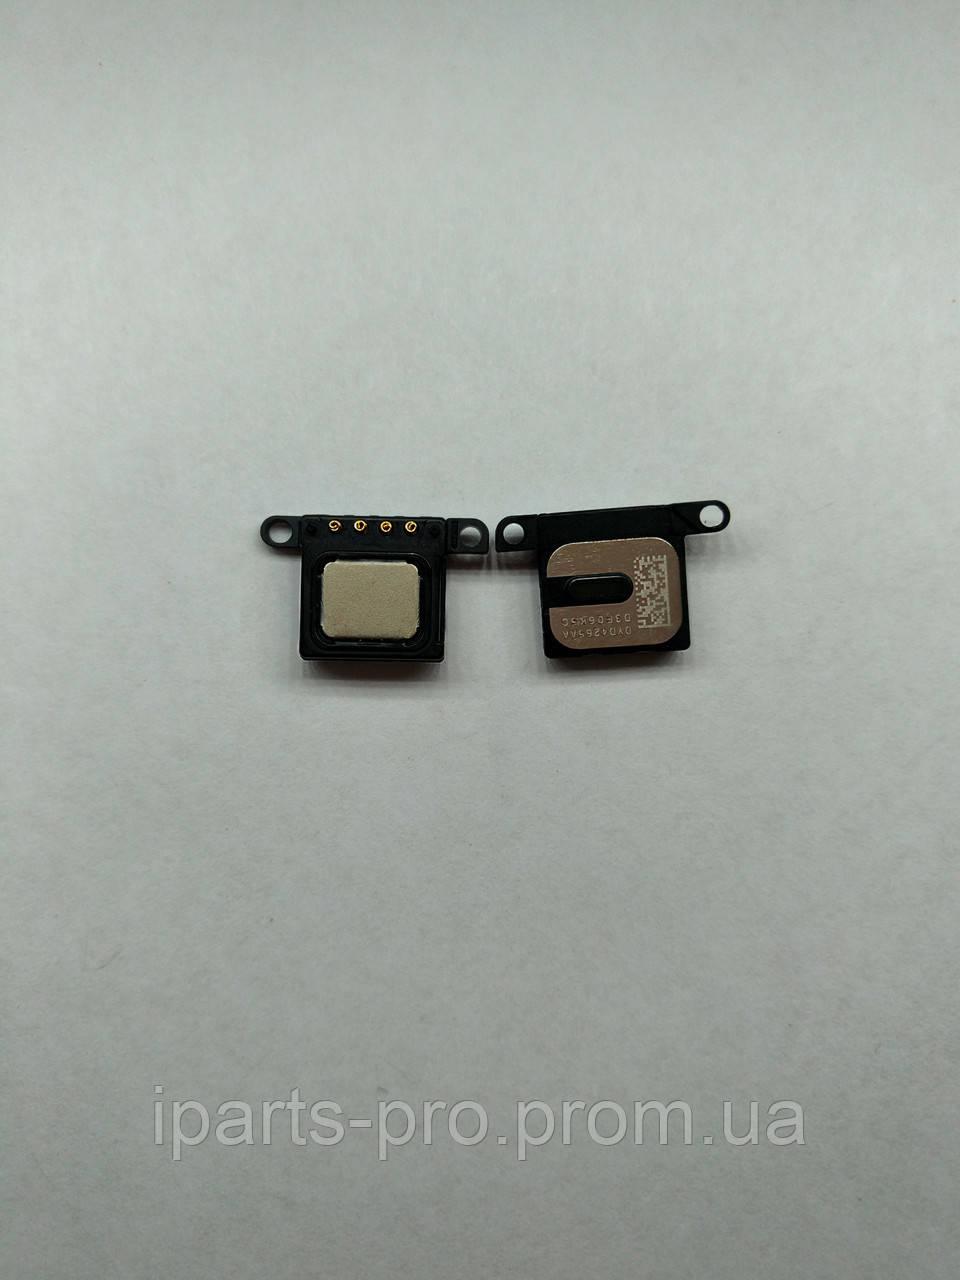 Динамик слуховой для iPhone 6